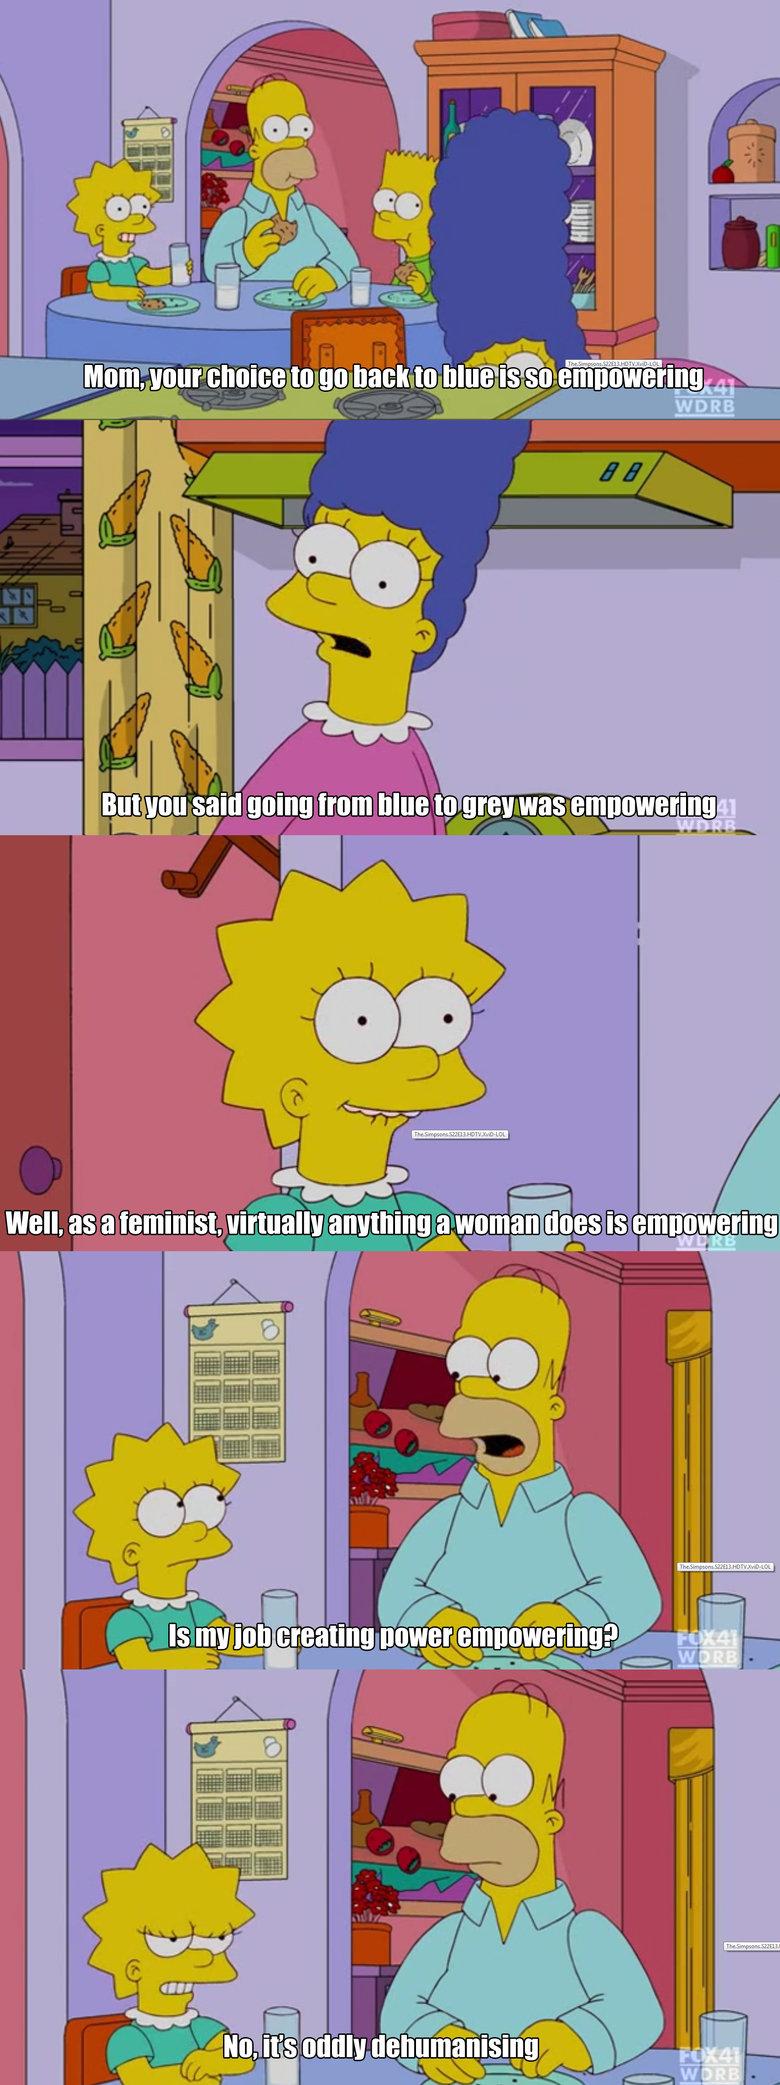 Feminism. . 1 Rt l V l l, Alla fhu q ll l Amman was EB mongering. Goddamn, I always hated Lisa so much. simpsons FEMINISM